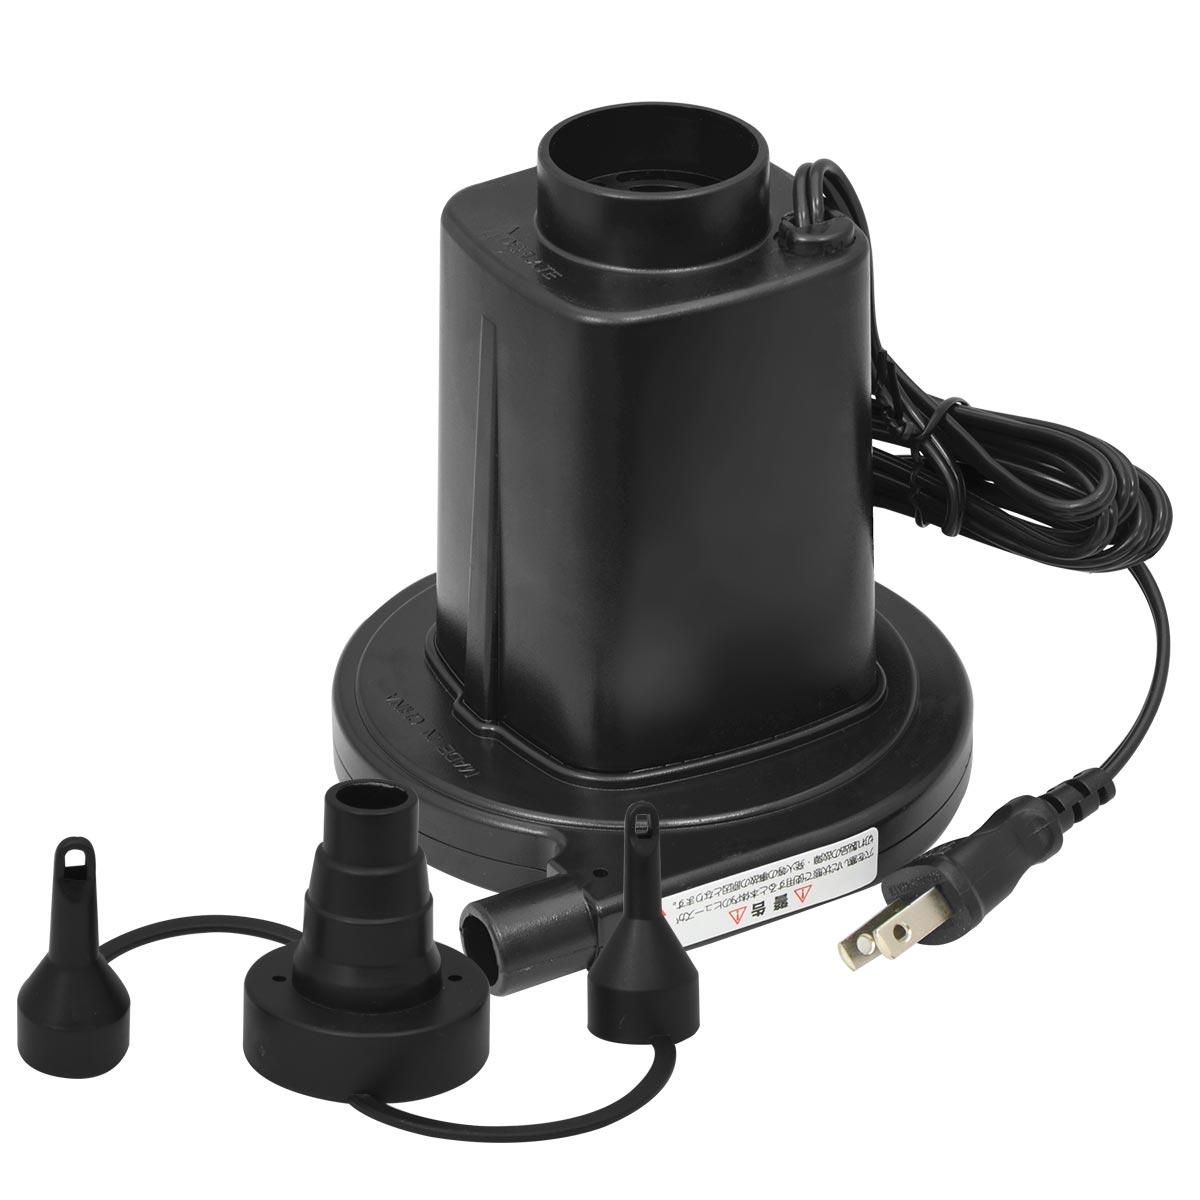 家庭用コンセントで使える パワフルAC電源式エアーポンプ PSE認証取得済 国内在庫 浮き輪やビニールプール エアーベッド等の空気入れに エアーポンプ 電動ポンプ ファミリープール 浮き輪 1年保証 電動エアーポンプ 電動 ポンプ 空気入れ AC電源 100V 簡単 吸気 エアーベッドなどに フロート FIELDOOR 卓出 レジャー アウトドア 家庭用コンセントタイプ 給排気 便利 排気 専用ノズル3種付き ビニールプール PSE取得 送料無料